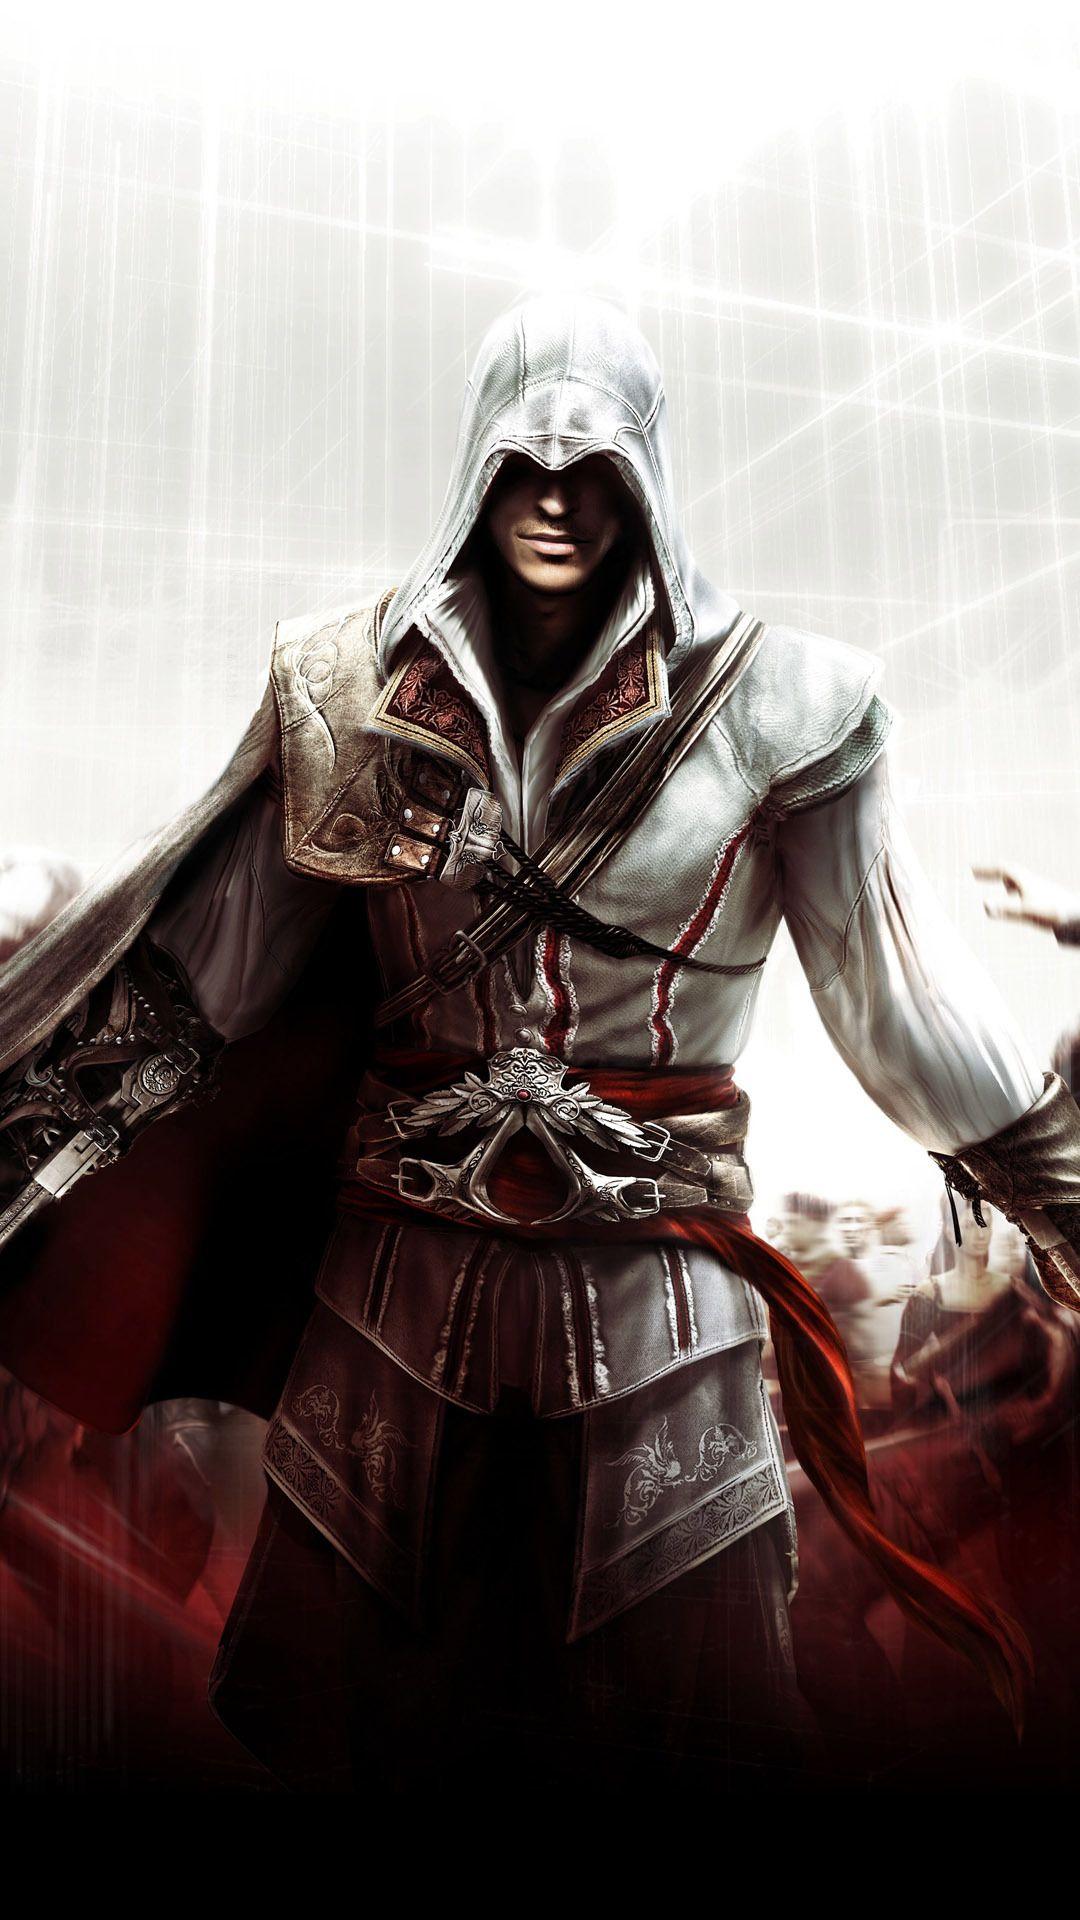 Hd Assassins Creed Wallpaper For Iphone Pixelstalk Net Assassins